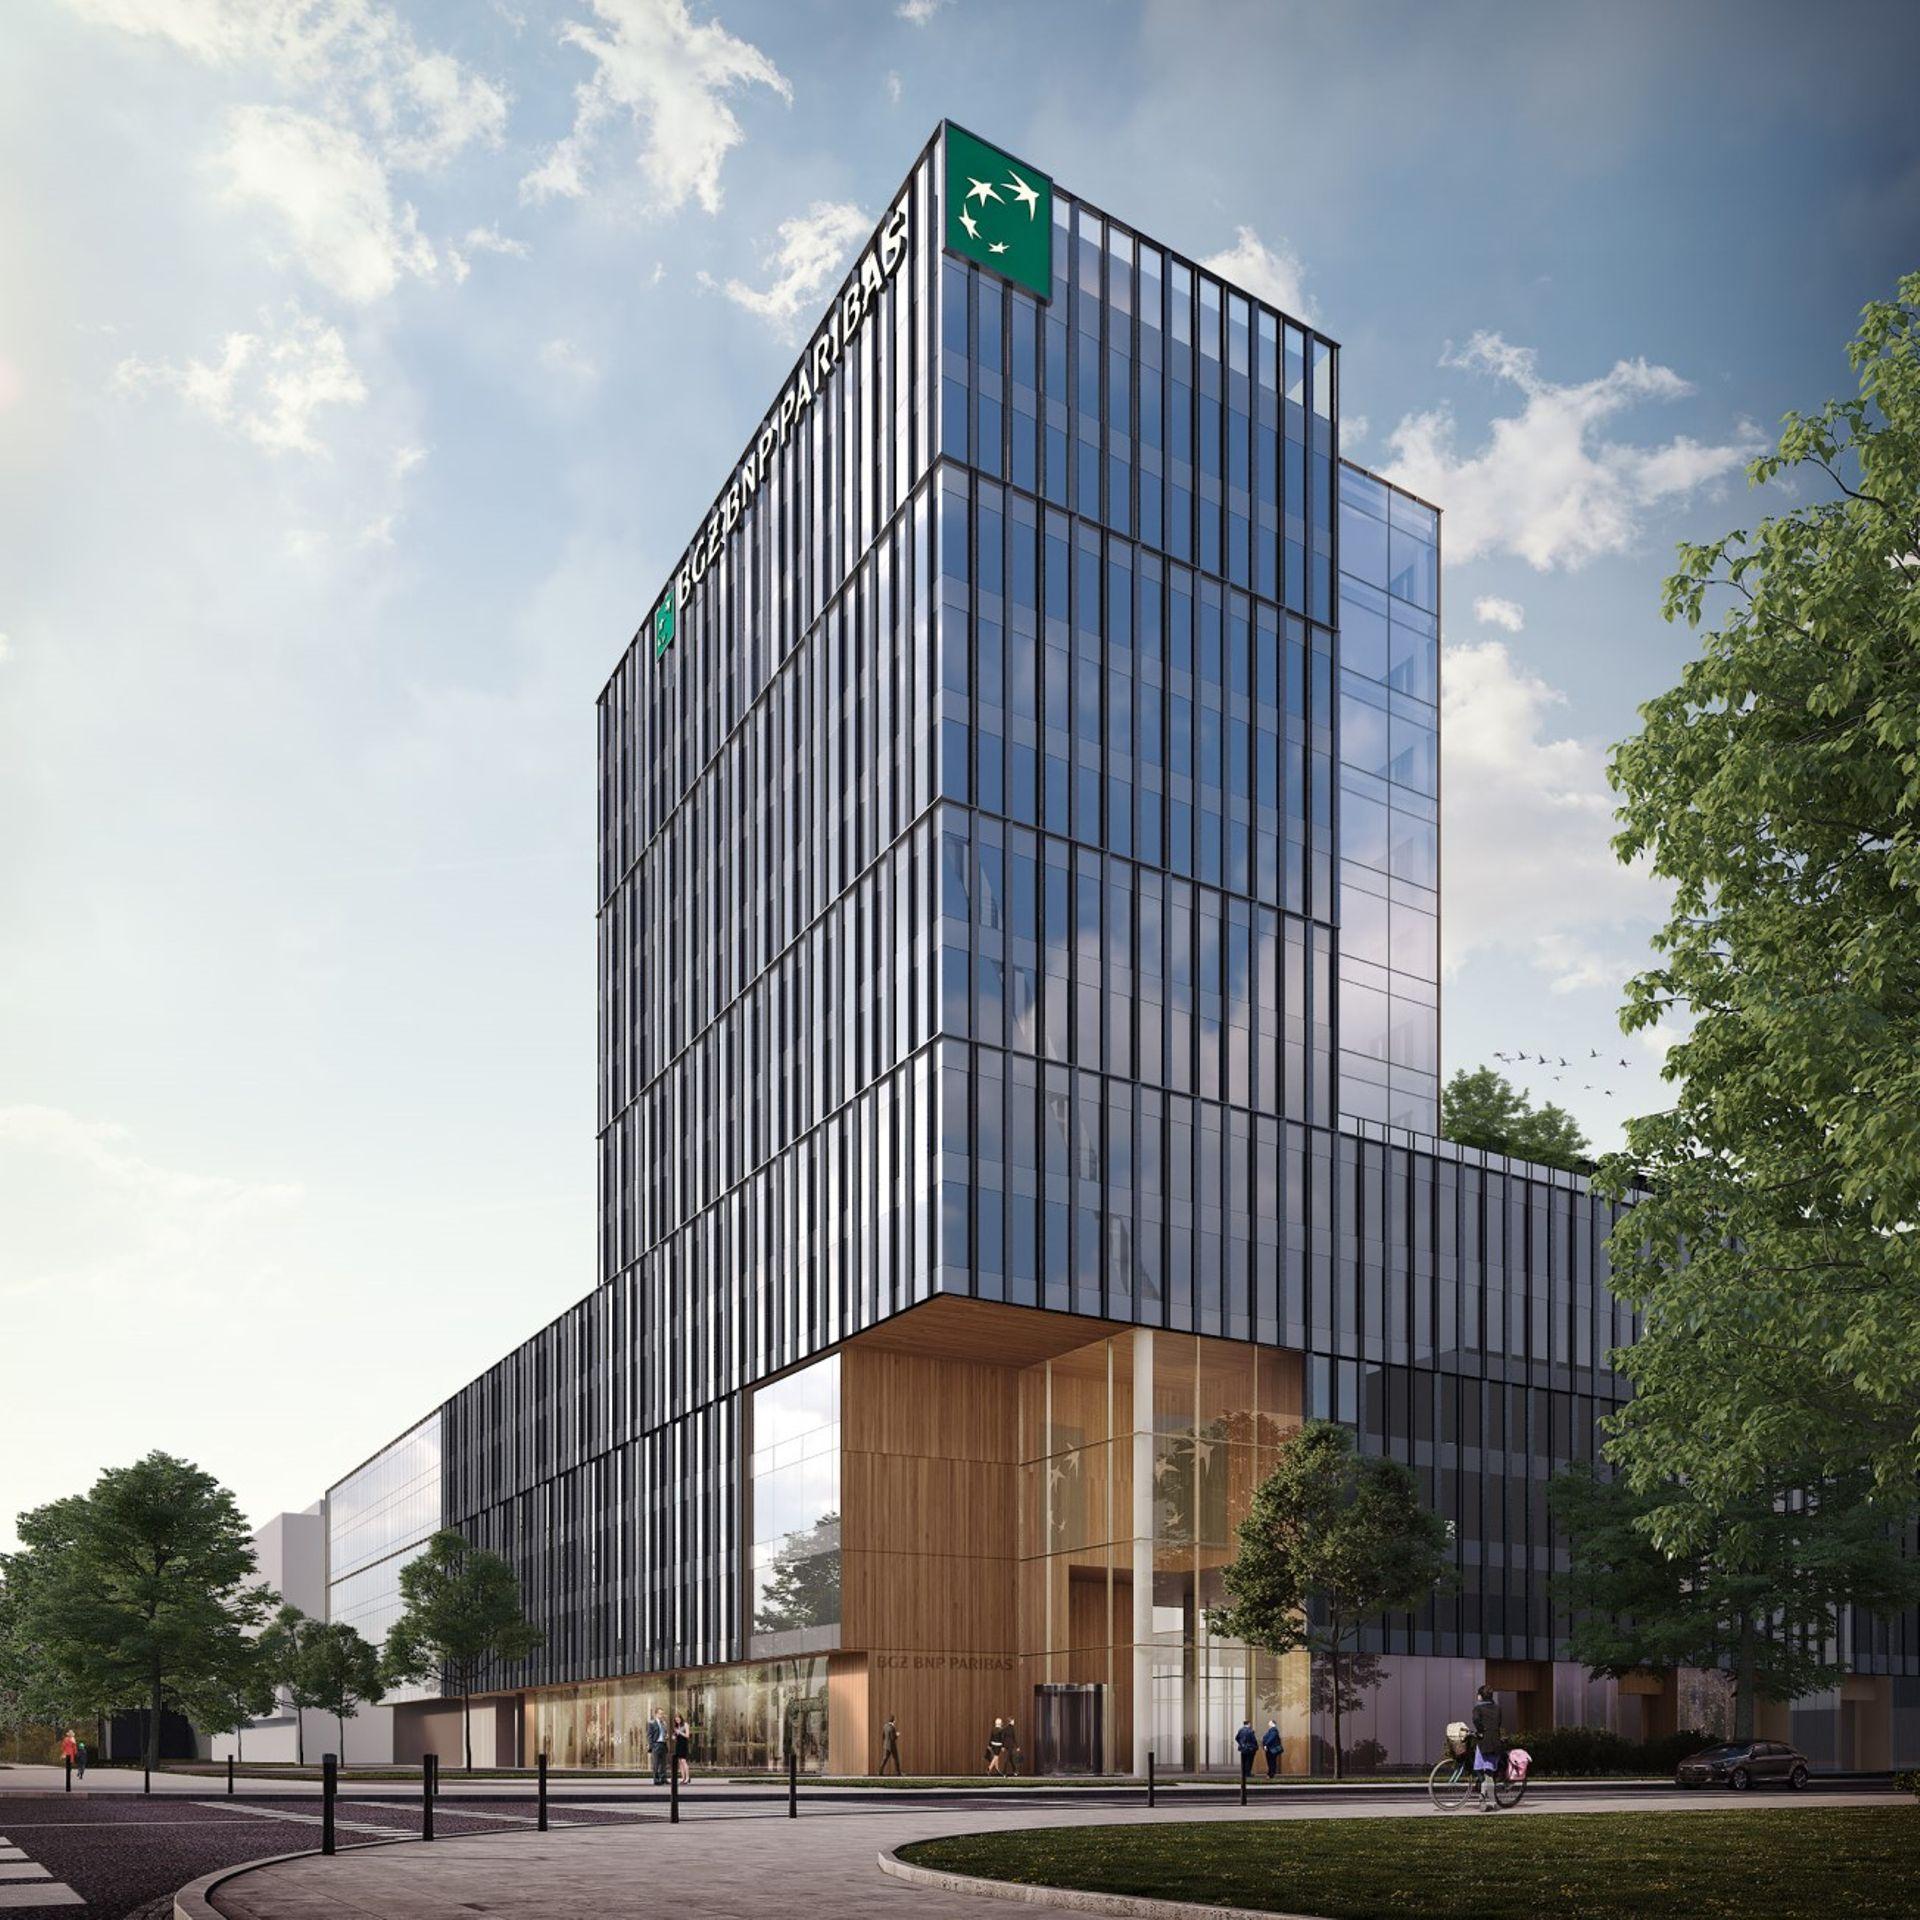 Warszawa: Lixa – Yareal startuje z budową kompleksu biurowego na Woli. Zacznie od siedziby banku